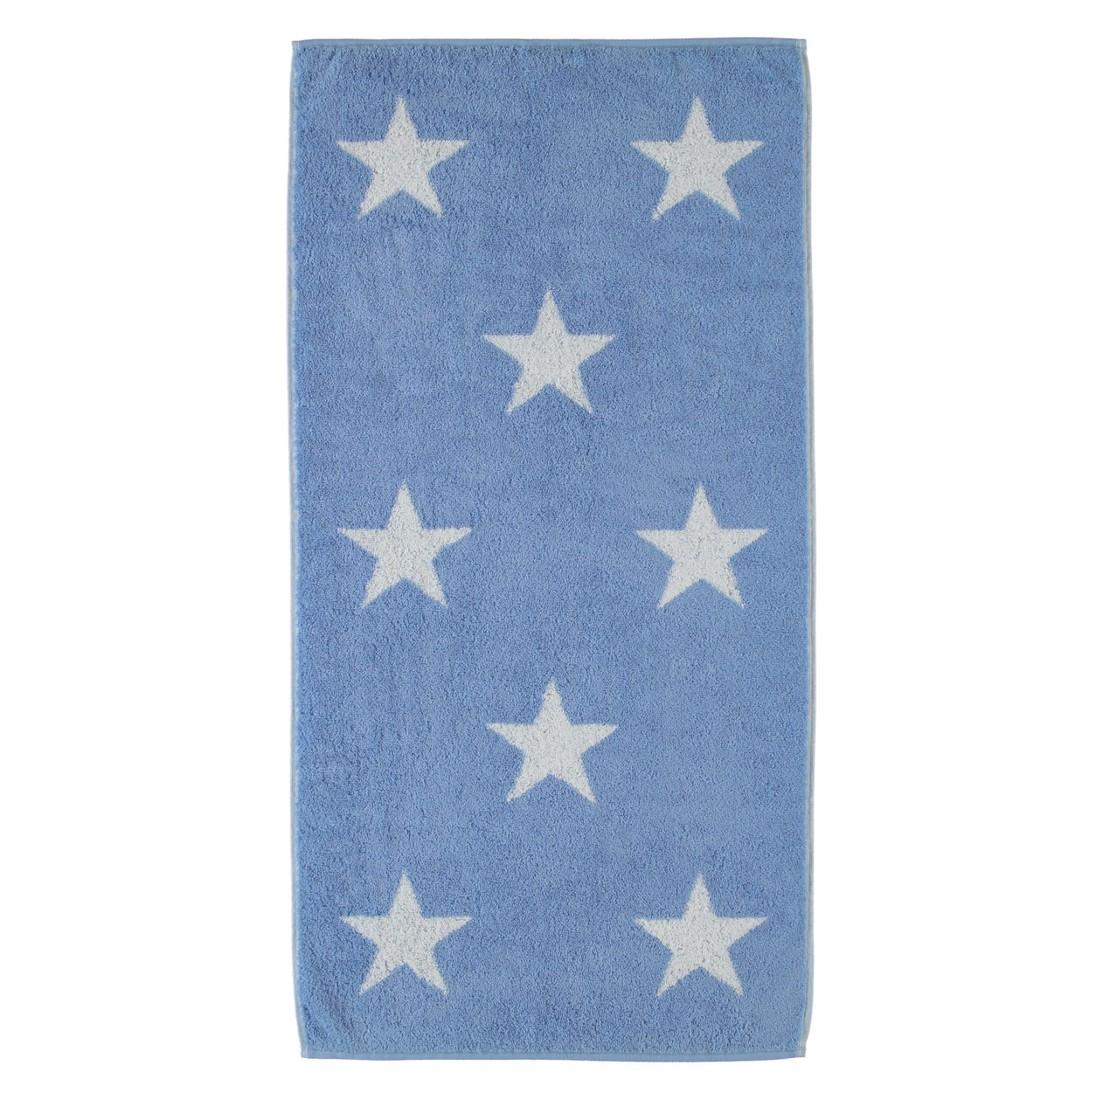 Handtücher   Stars 524 – 100% Baumwolle hellblau – 16 – Handtuch: 50 x 100 cm, Cawö günstig kaufen